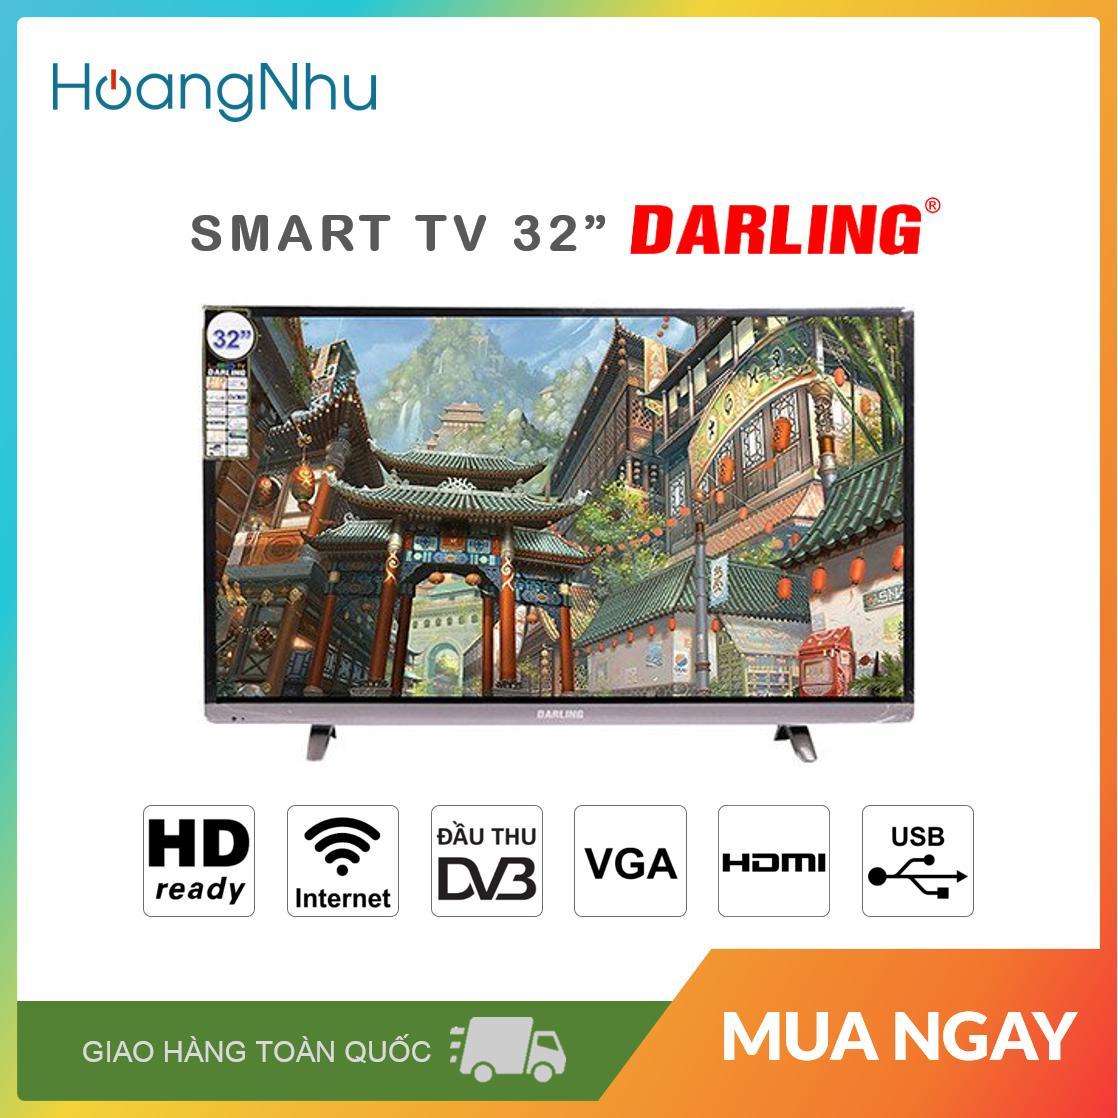 Bảng giá Smart TV Darling 32 inch Model 32HD960S1,32HD960S (HD Ready, Wifi, Truyền hình KTS) - Bảo hành toàn quốc 2 năm